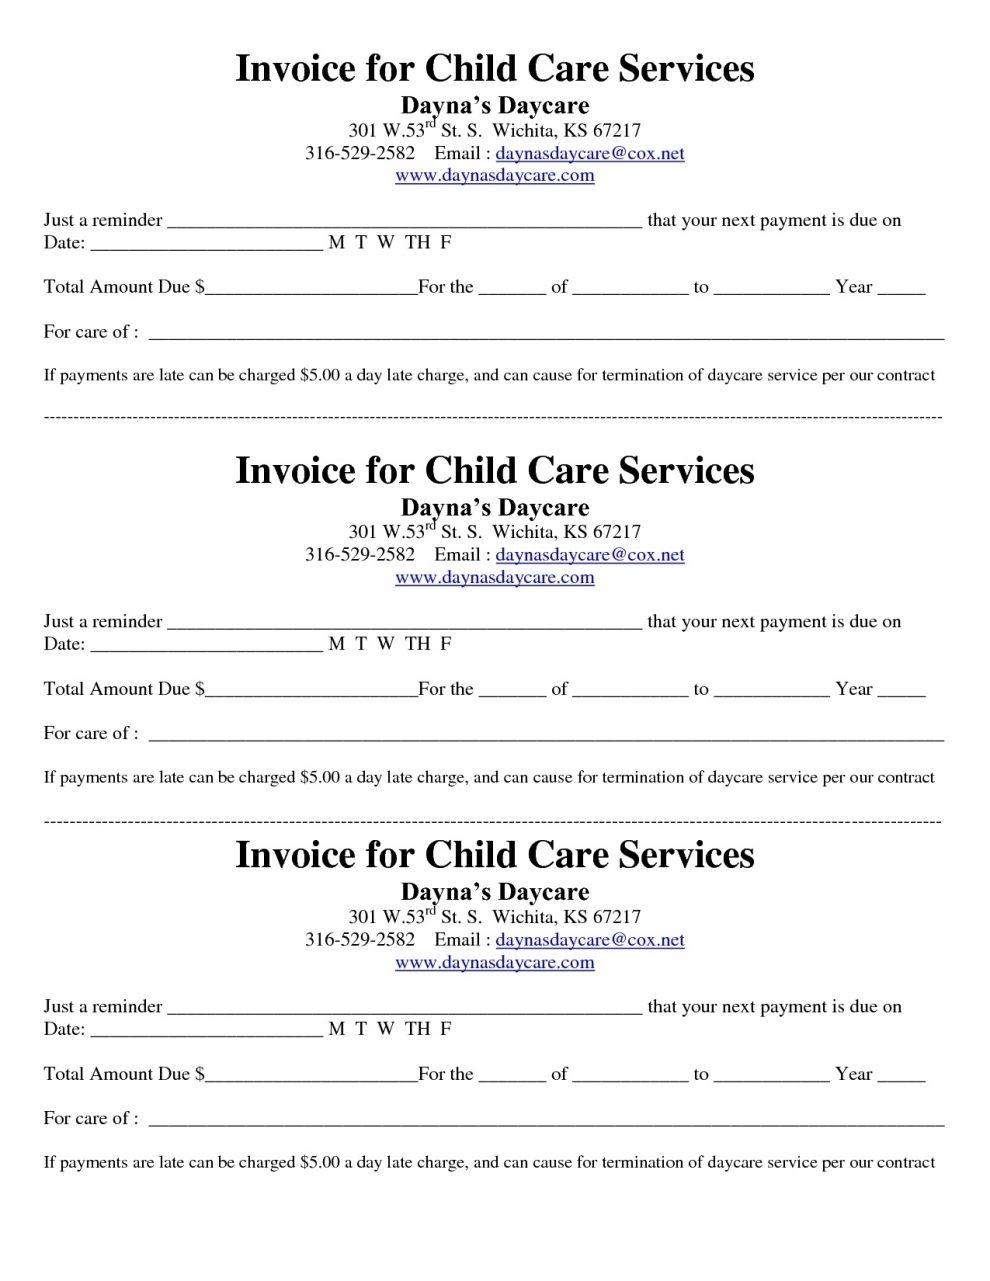 child care invoice template free design invoice template child care invoice template